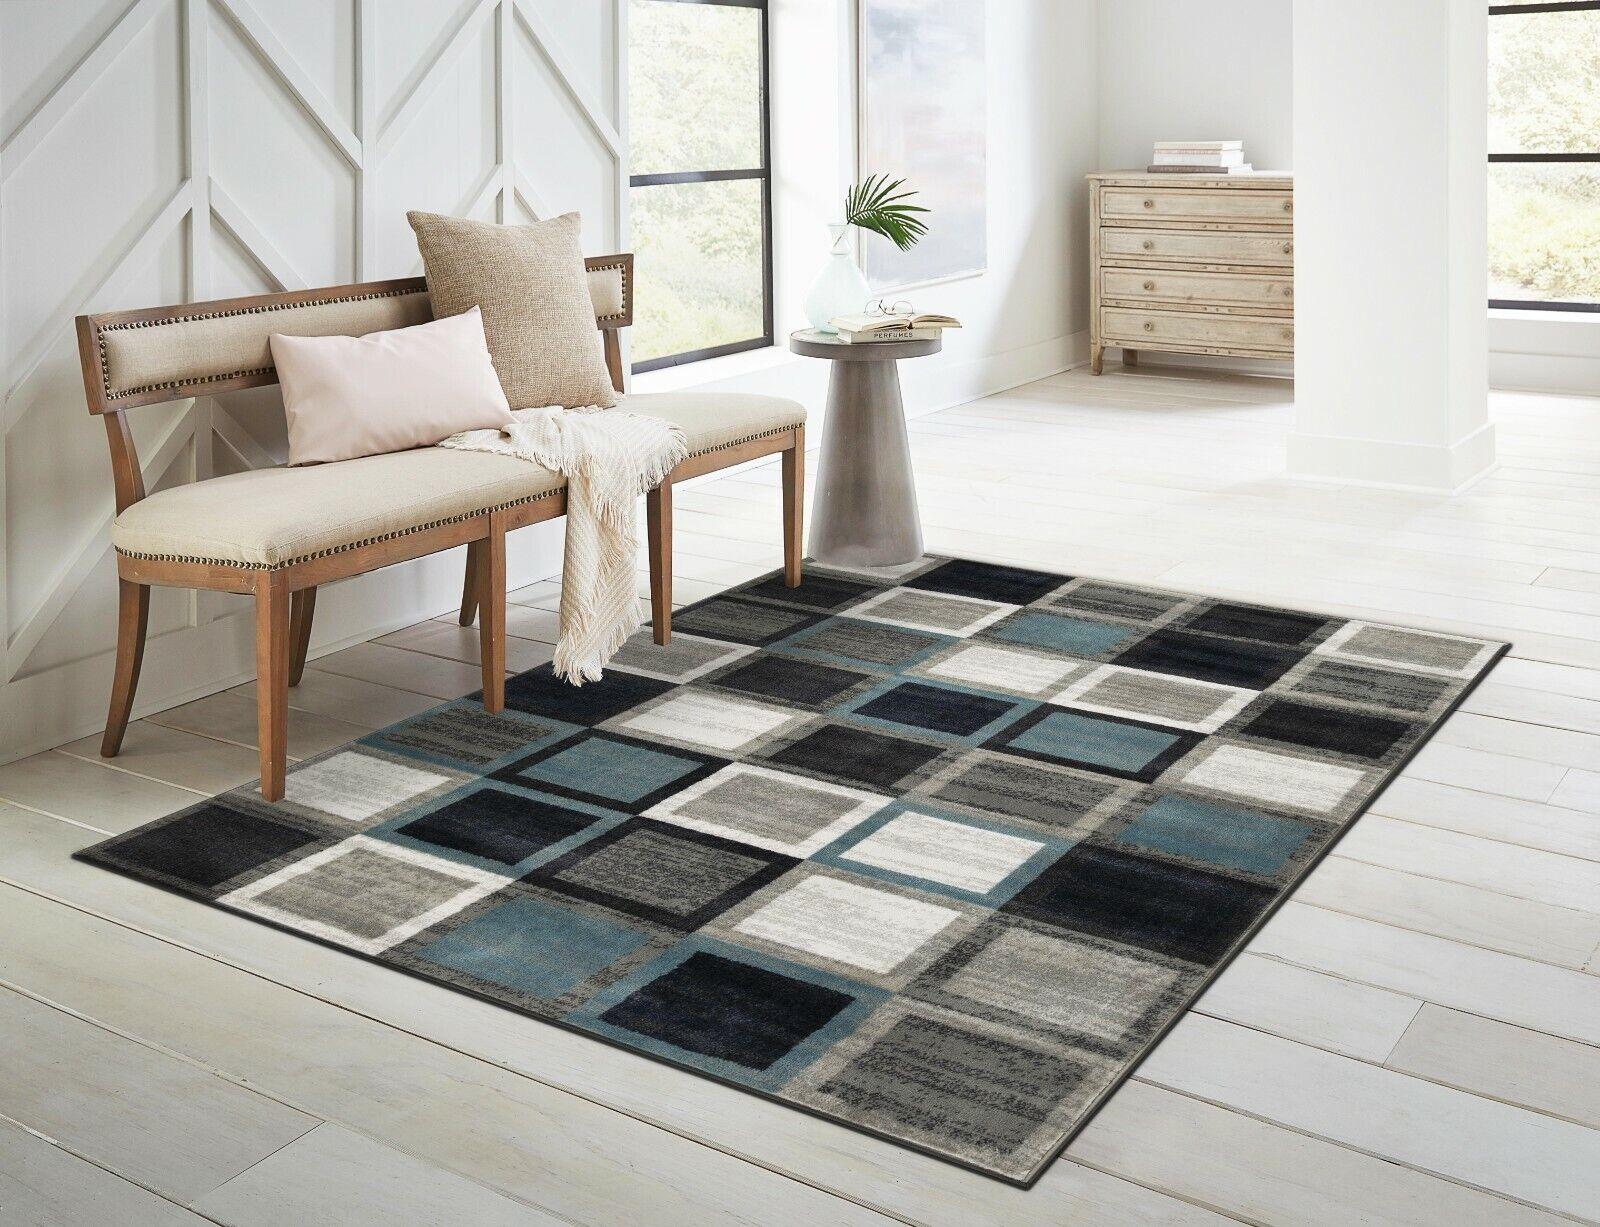 Beige Area Rug For Bedroom Kitchen Dining Living Room Modern Design 5 X7 For Sale Online Ebay